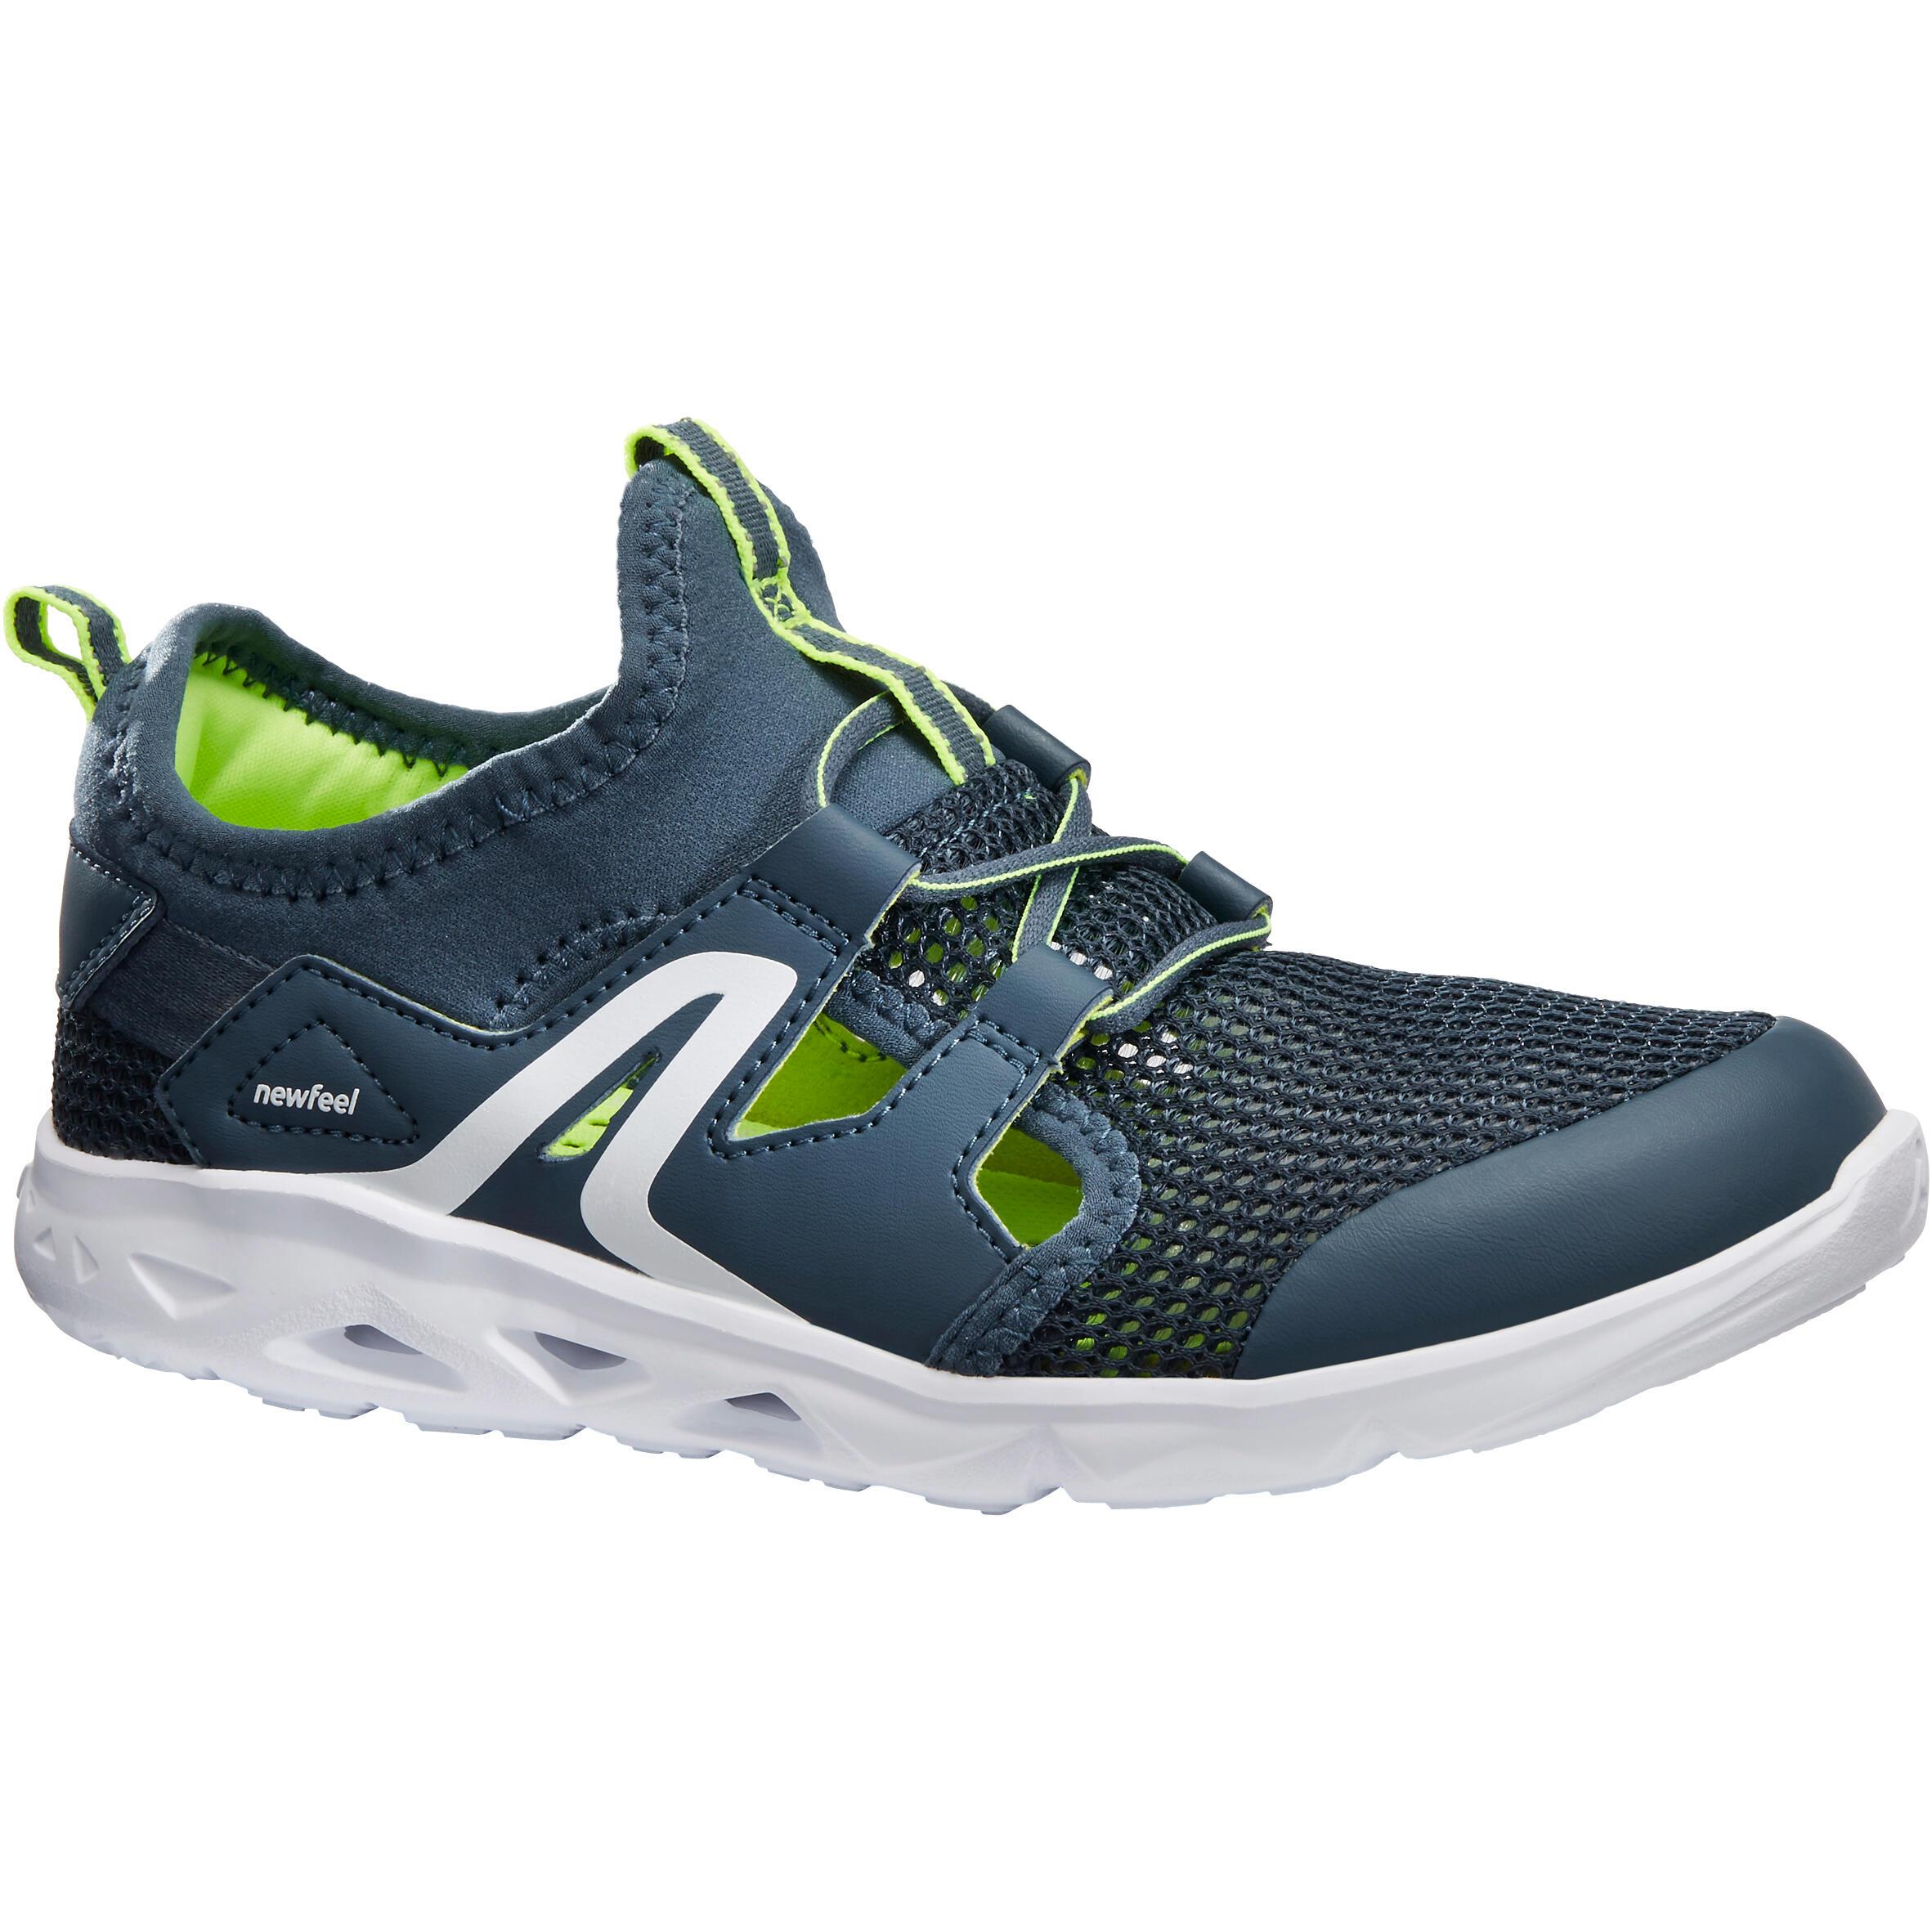 Newfeel Kindersneakers voor sportief wandelen PW 500 Fresh grijs / groen